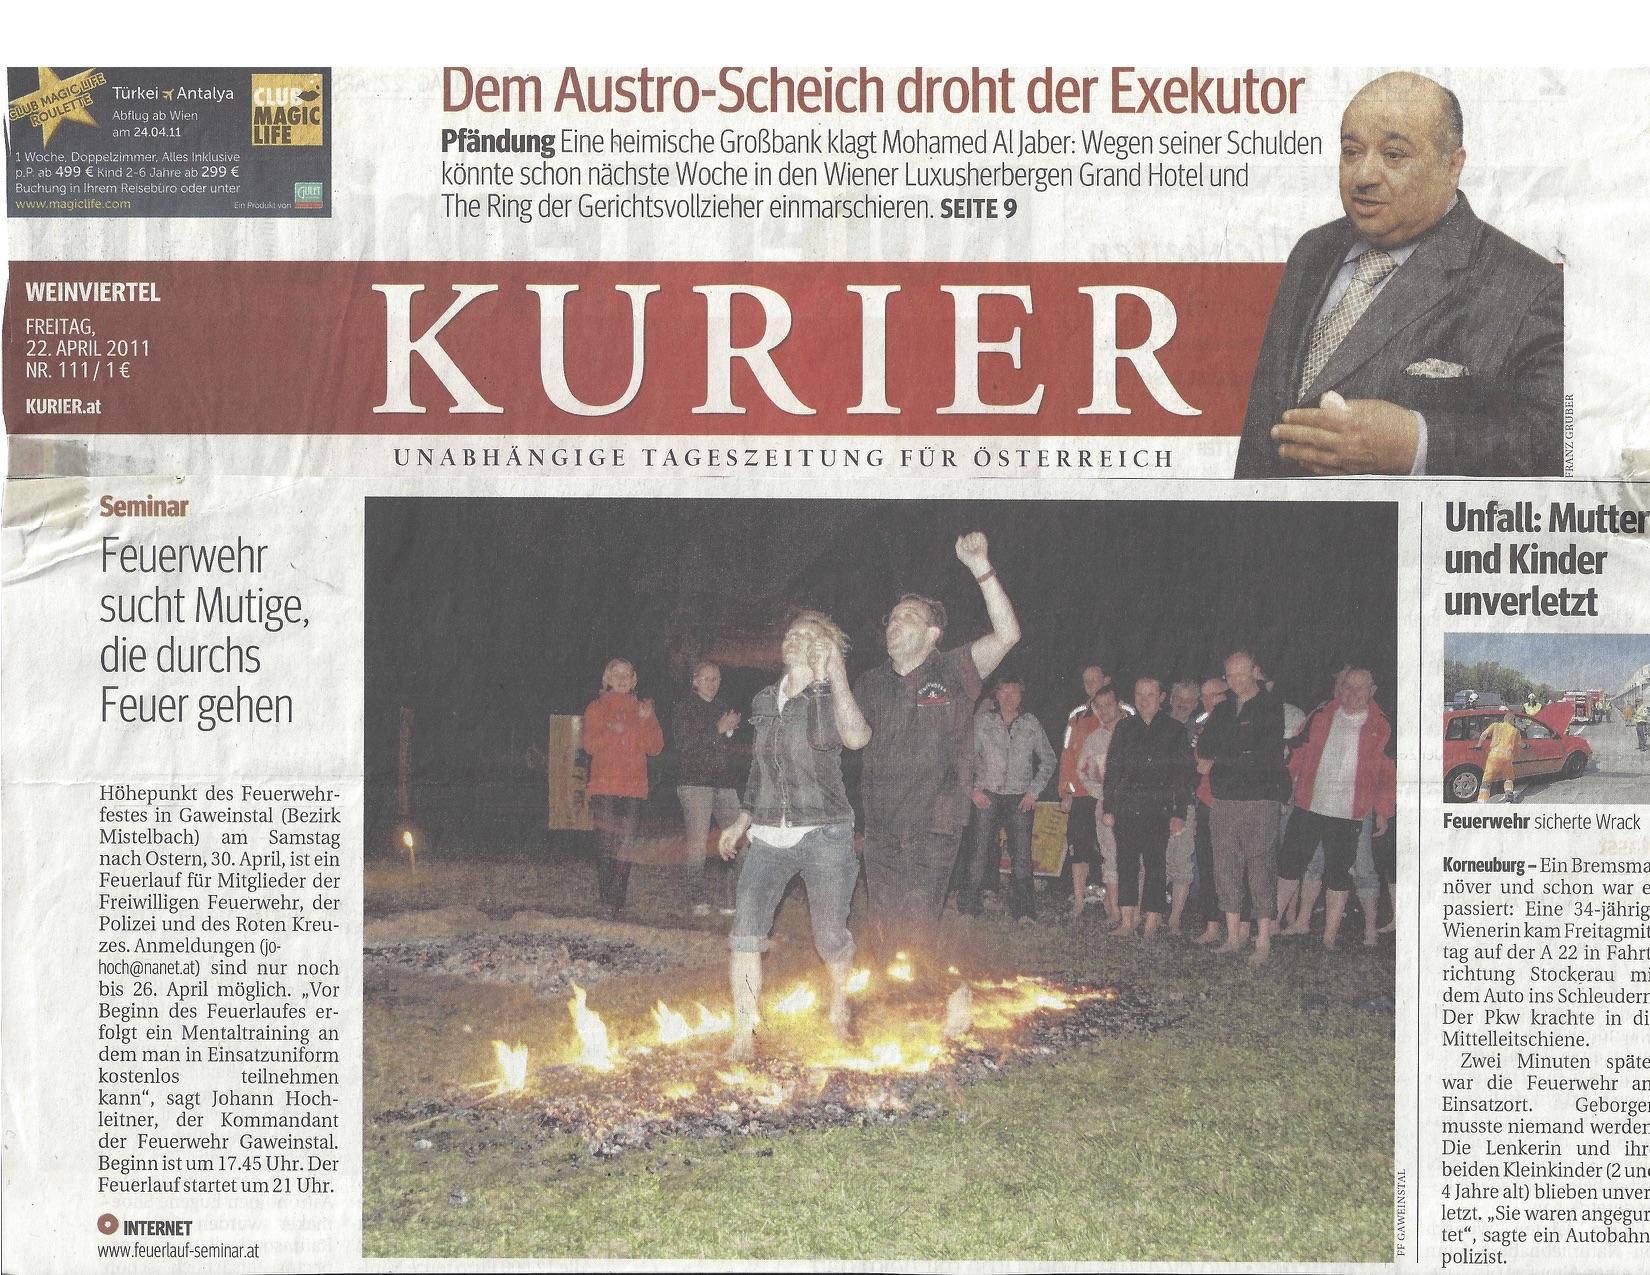 Feuerlauf für die Feuerwehr Gaweinstal (Bezirk Mistelbach)